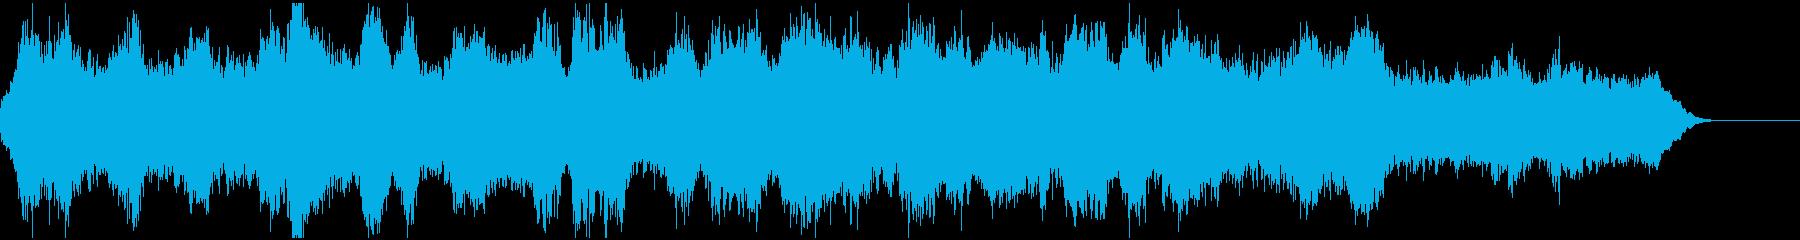 二胡と管弦楽による神秘的なBGMの再生済みの波形